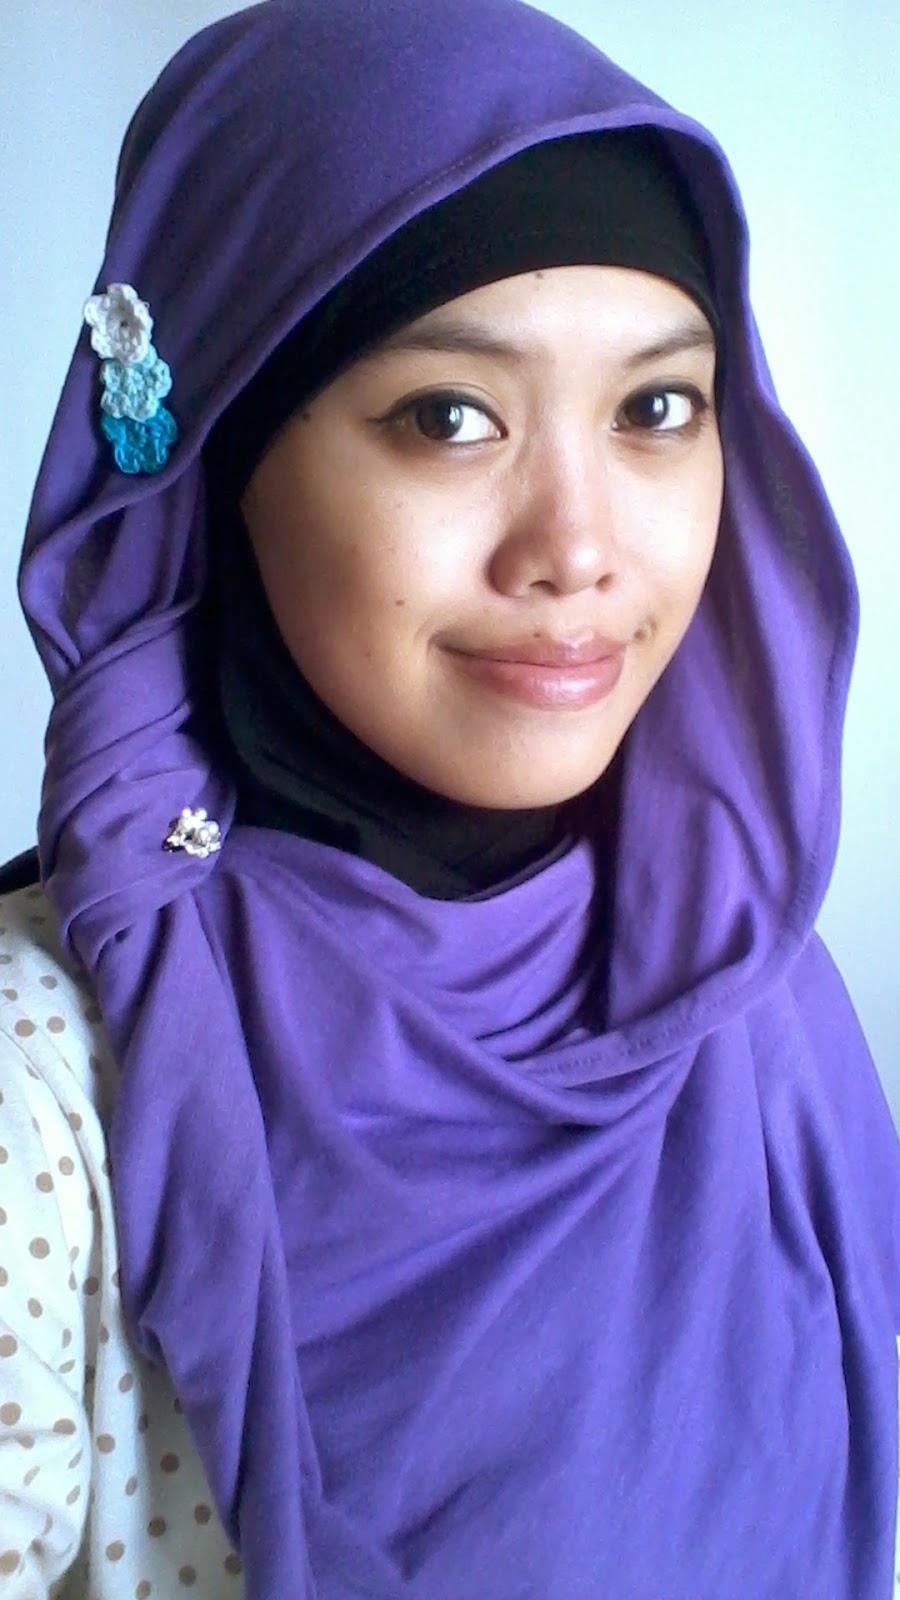 memakai jilbab ke pesta jilbab langsung